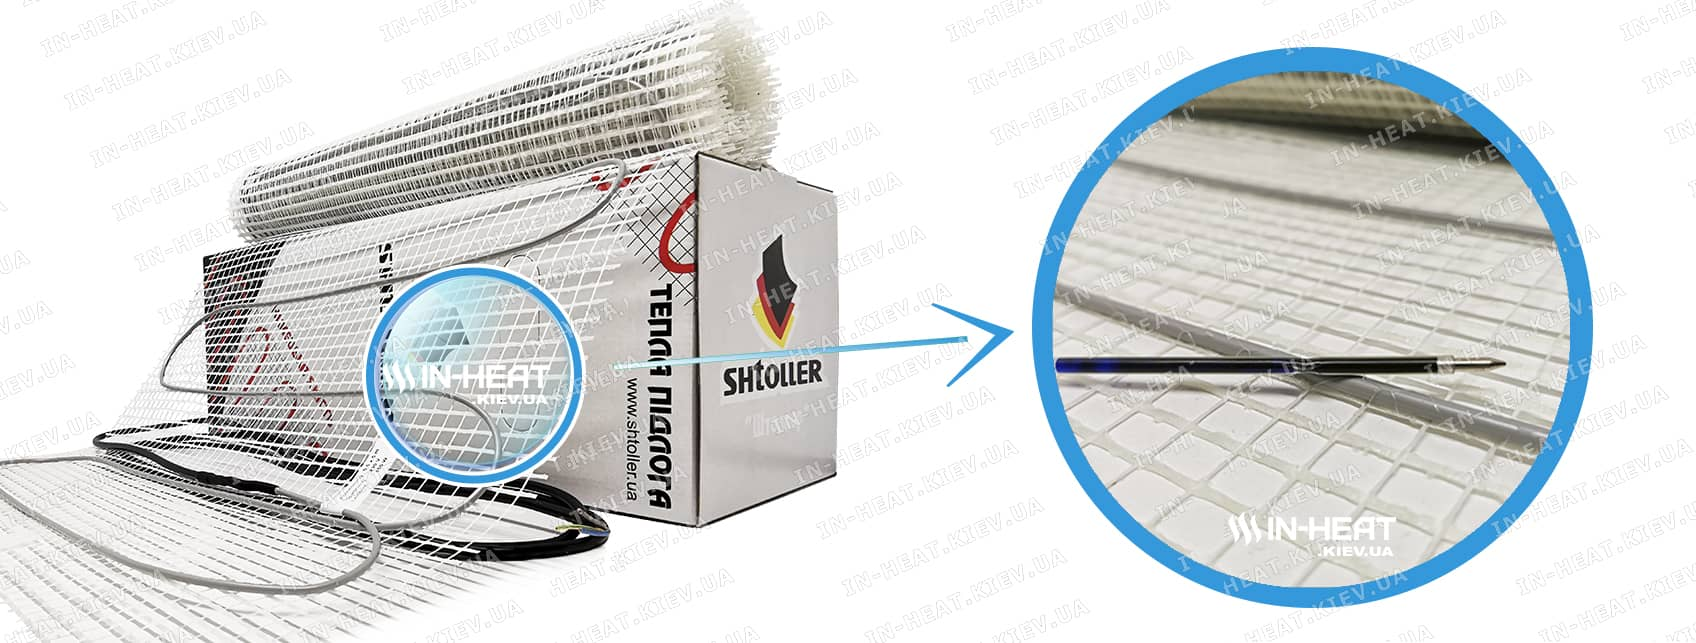 Нагревательный кабельный мат Shtoller